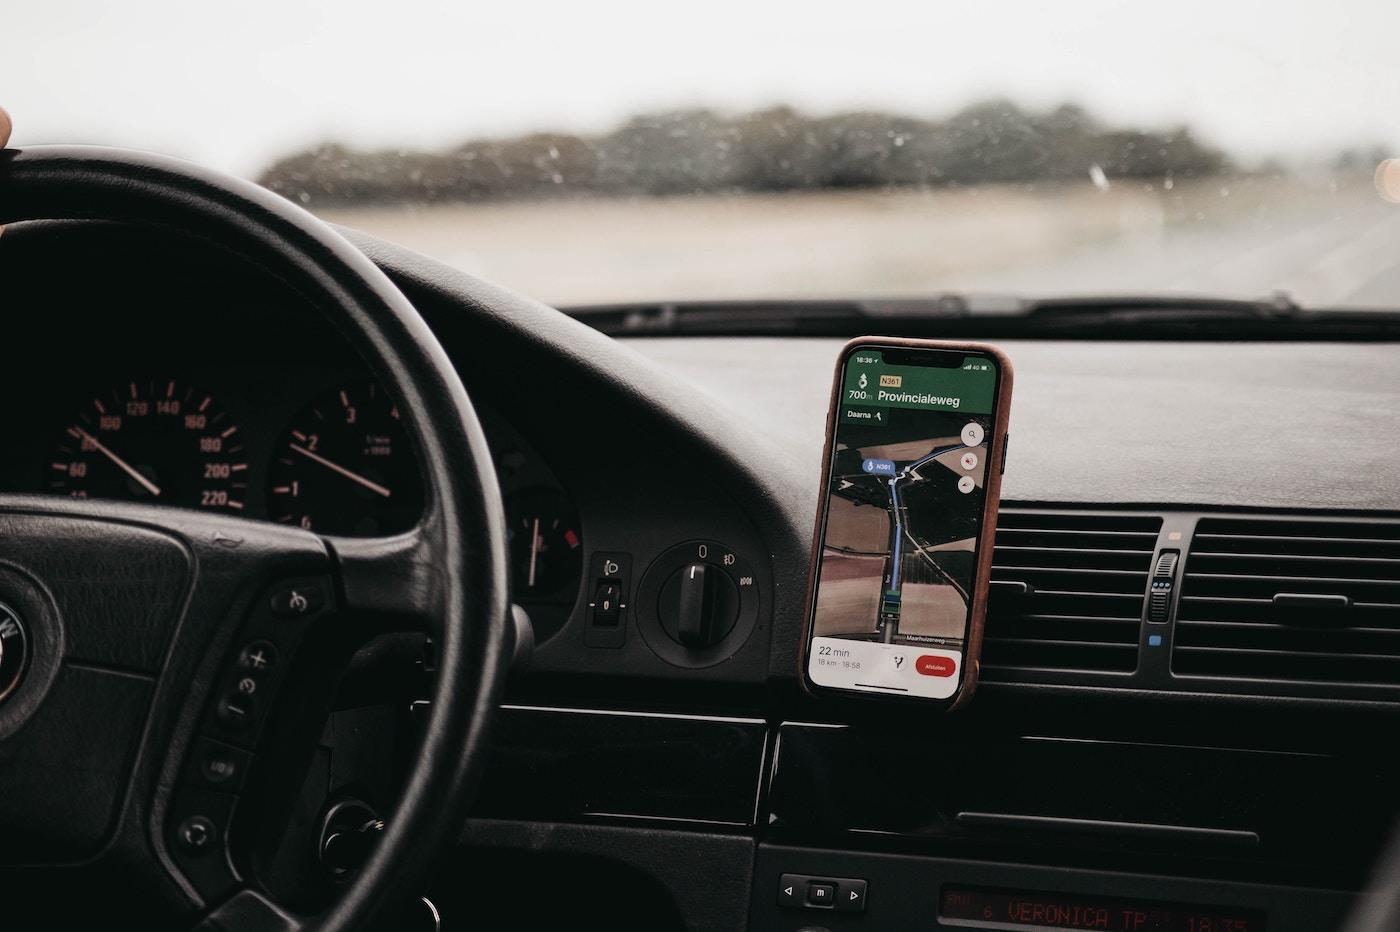 Google Maps : le signalement d'incident sur la route bientôt sur iOS